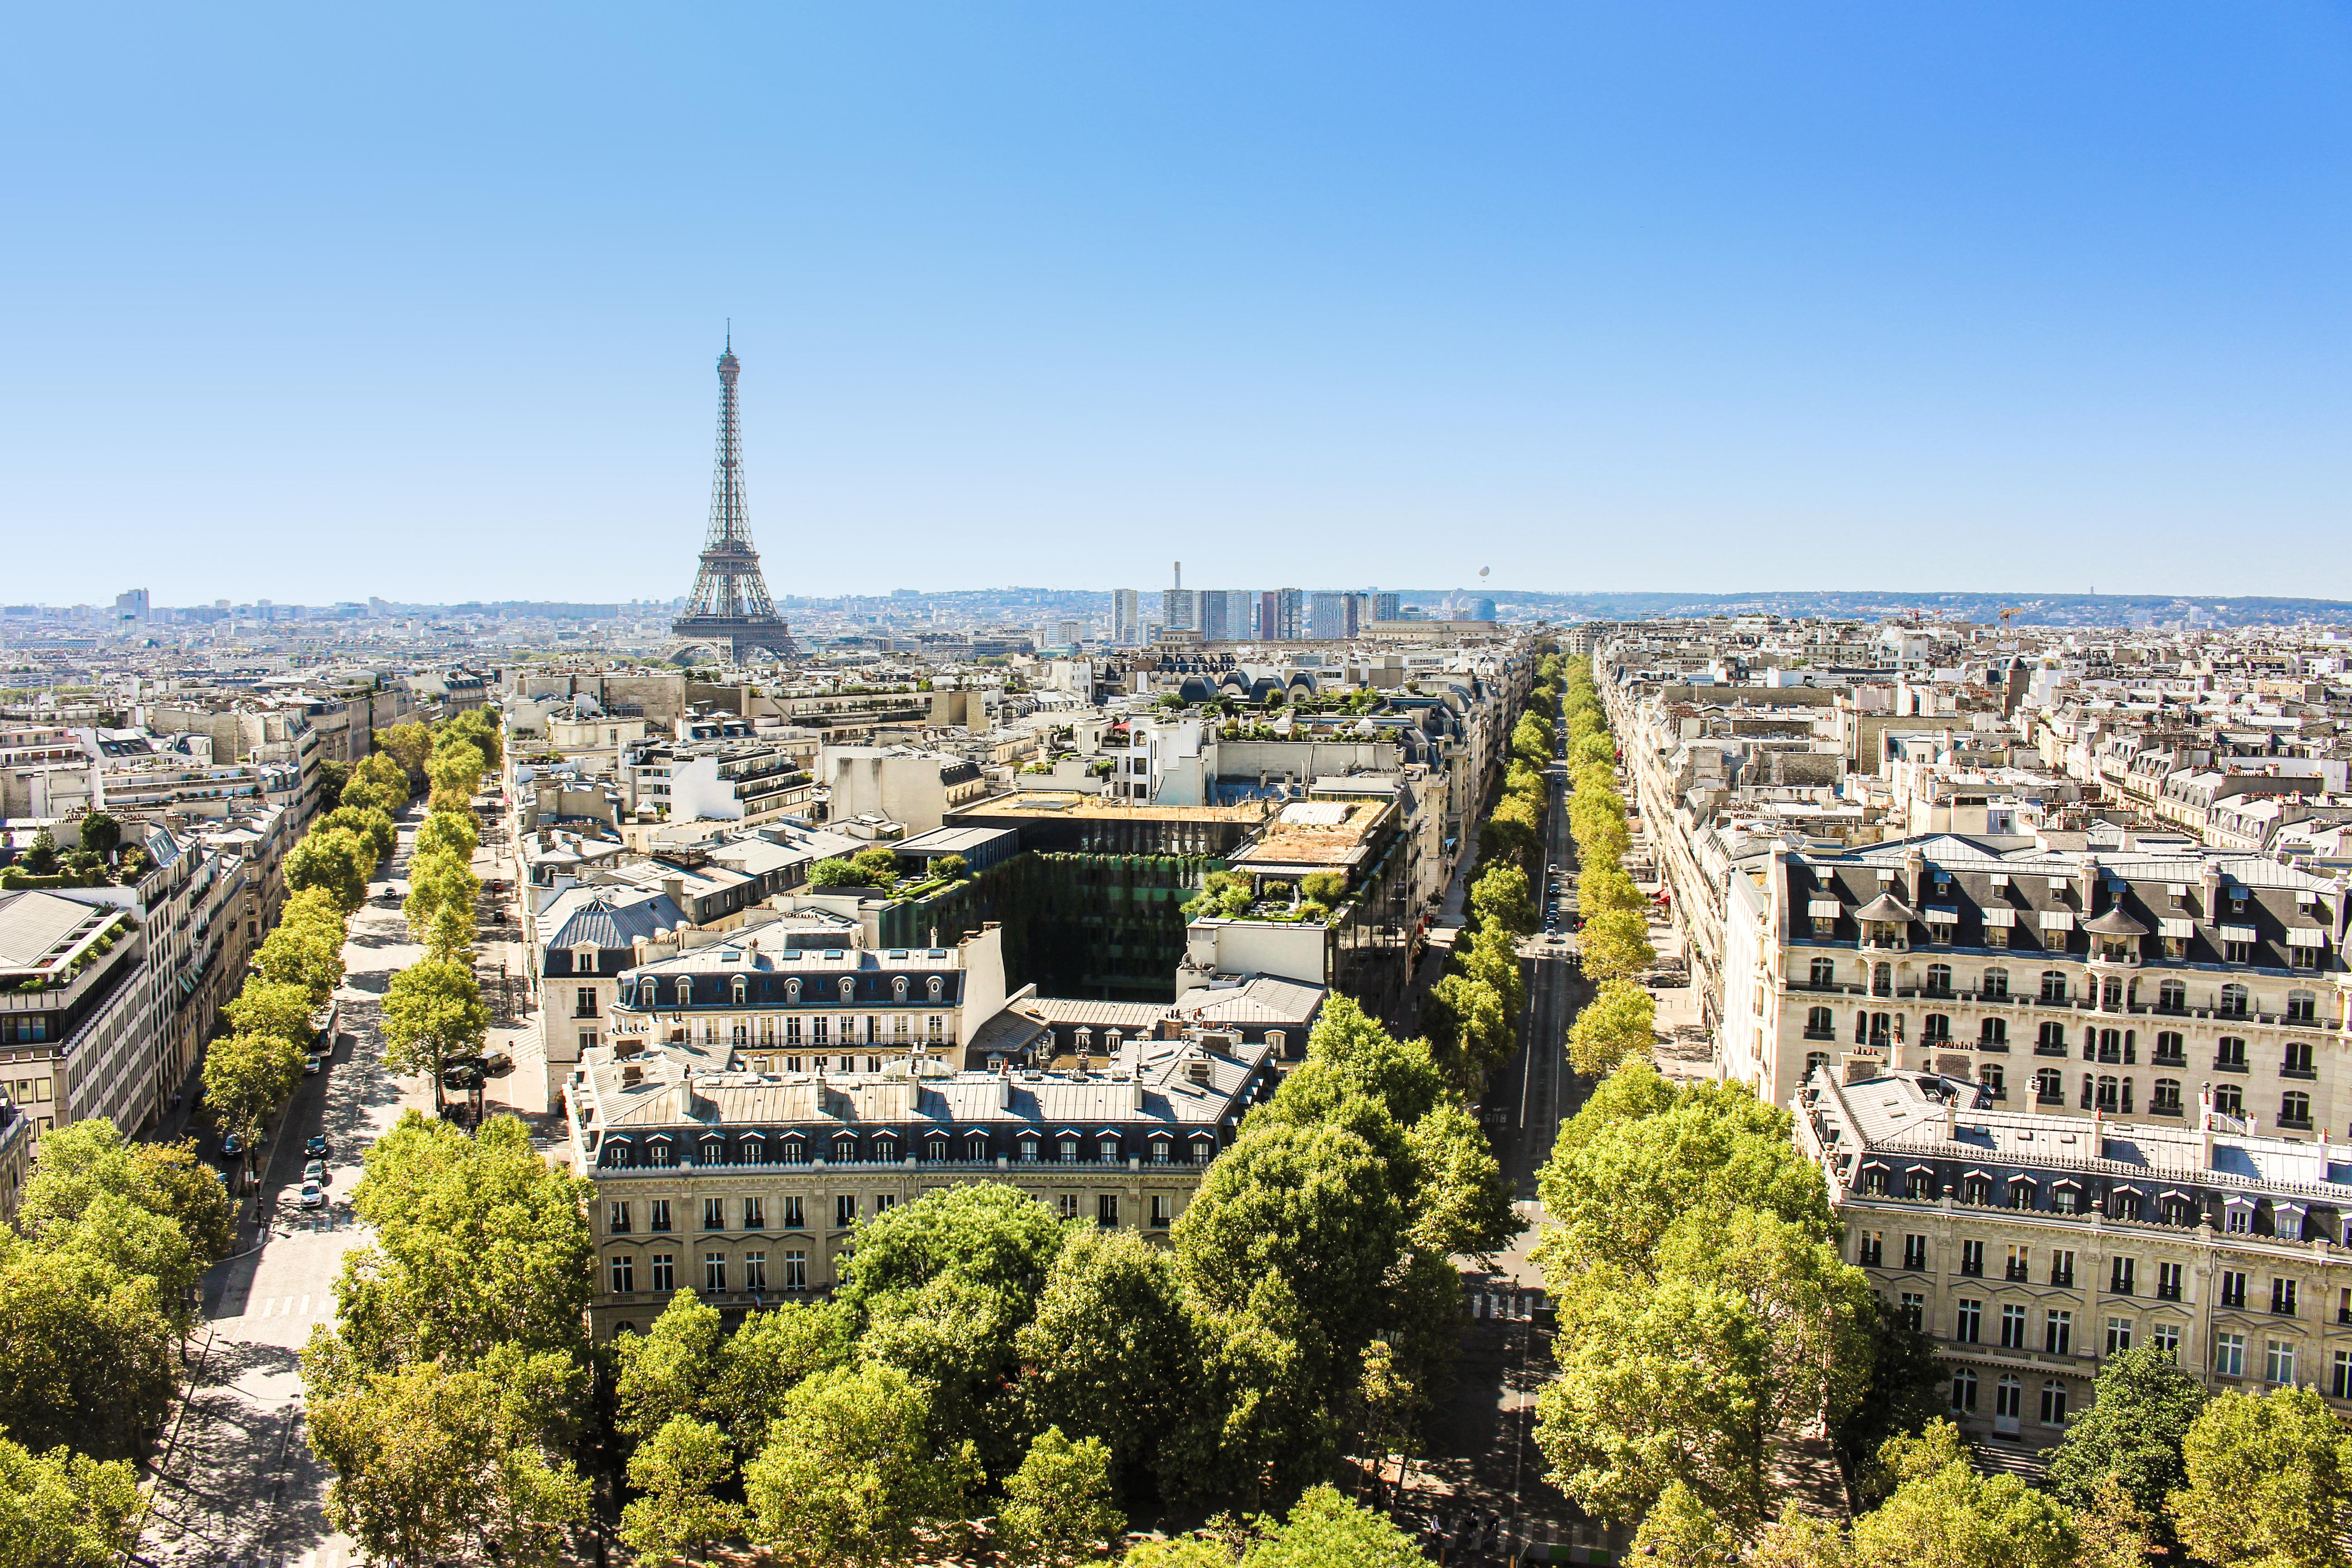 Războiul chiriilor la Paris. Primarul vrea să facă referendum